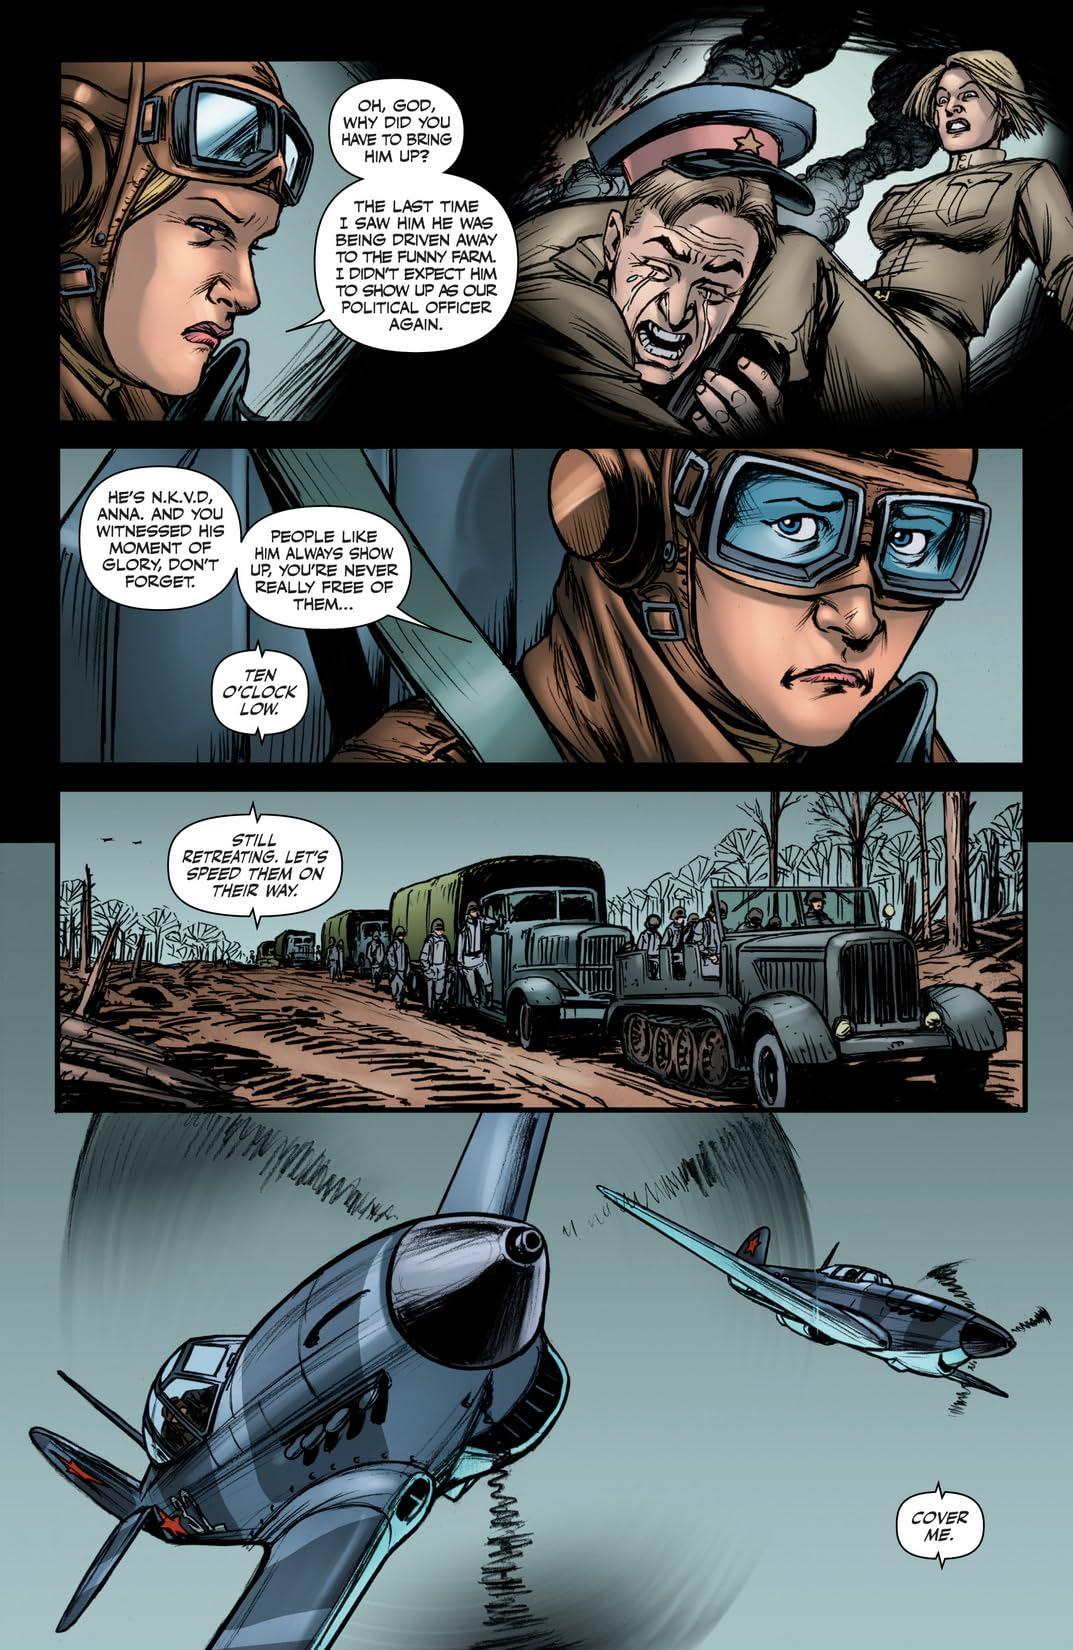 Garth Ennis' Battlefields #4 (of 6): The Fall and Rise of Anna Kharkova - Part 1